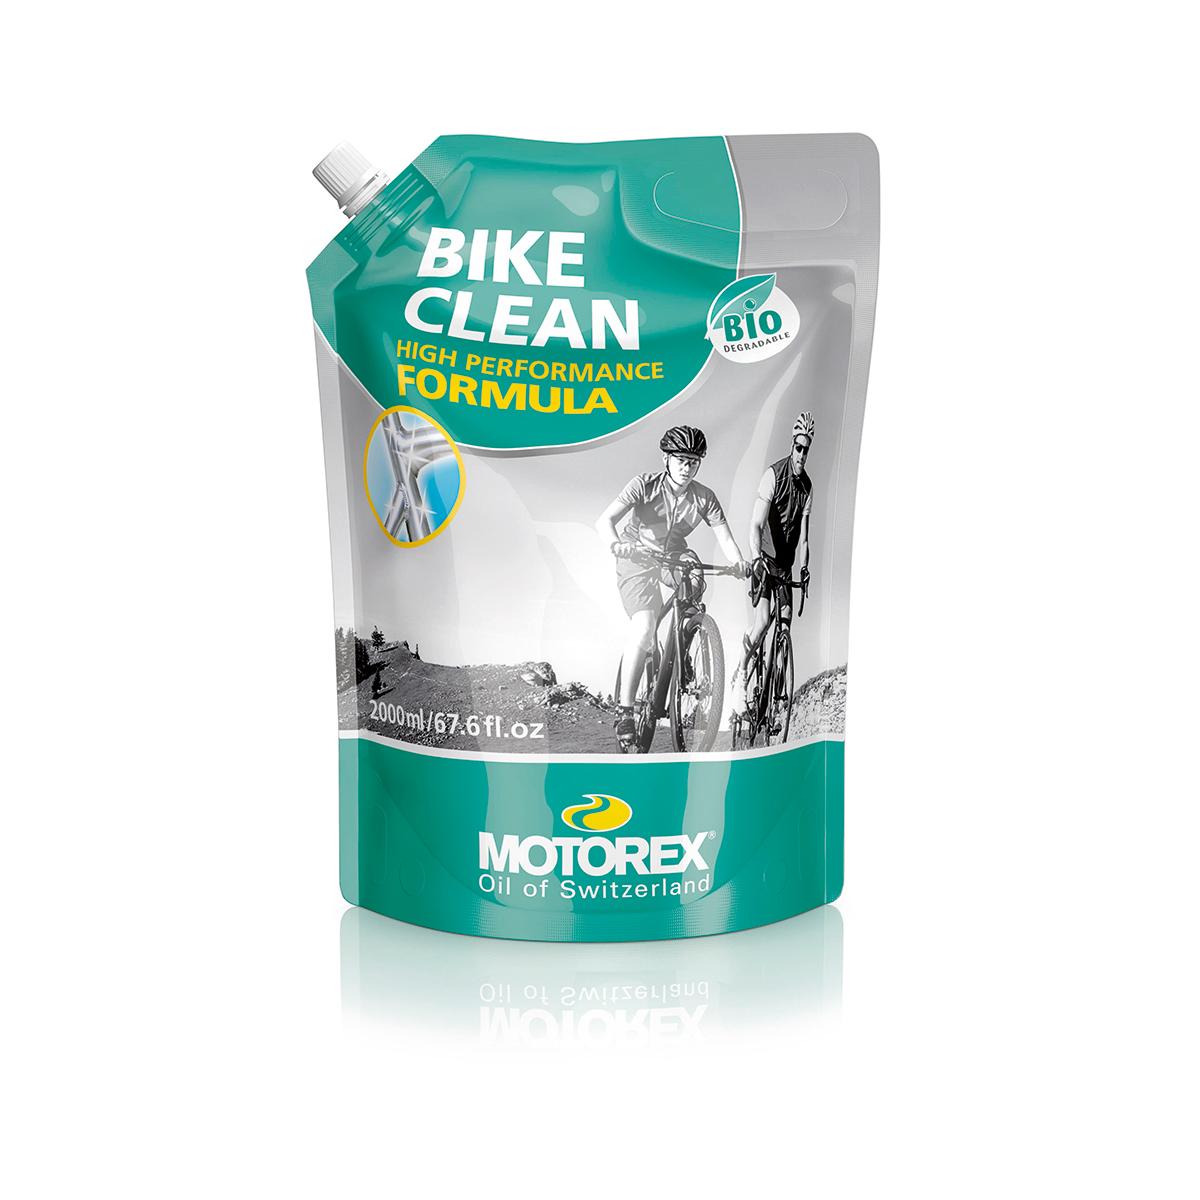 20200827_Bike_Clean_Nachfuell_2000ml